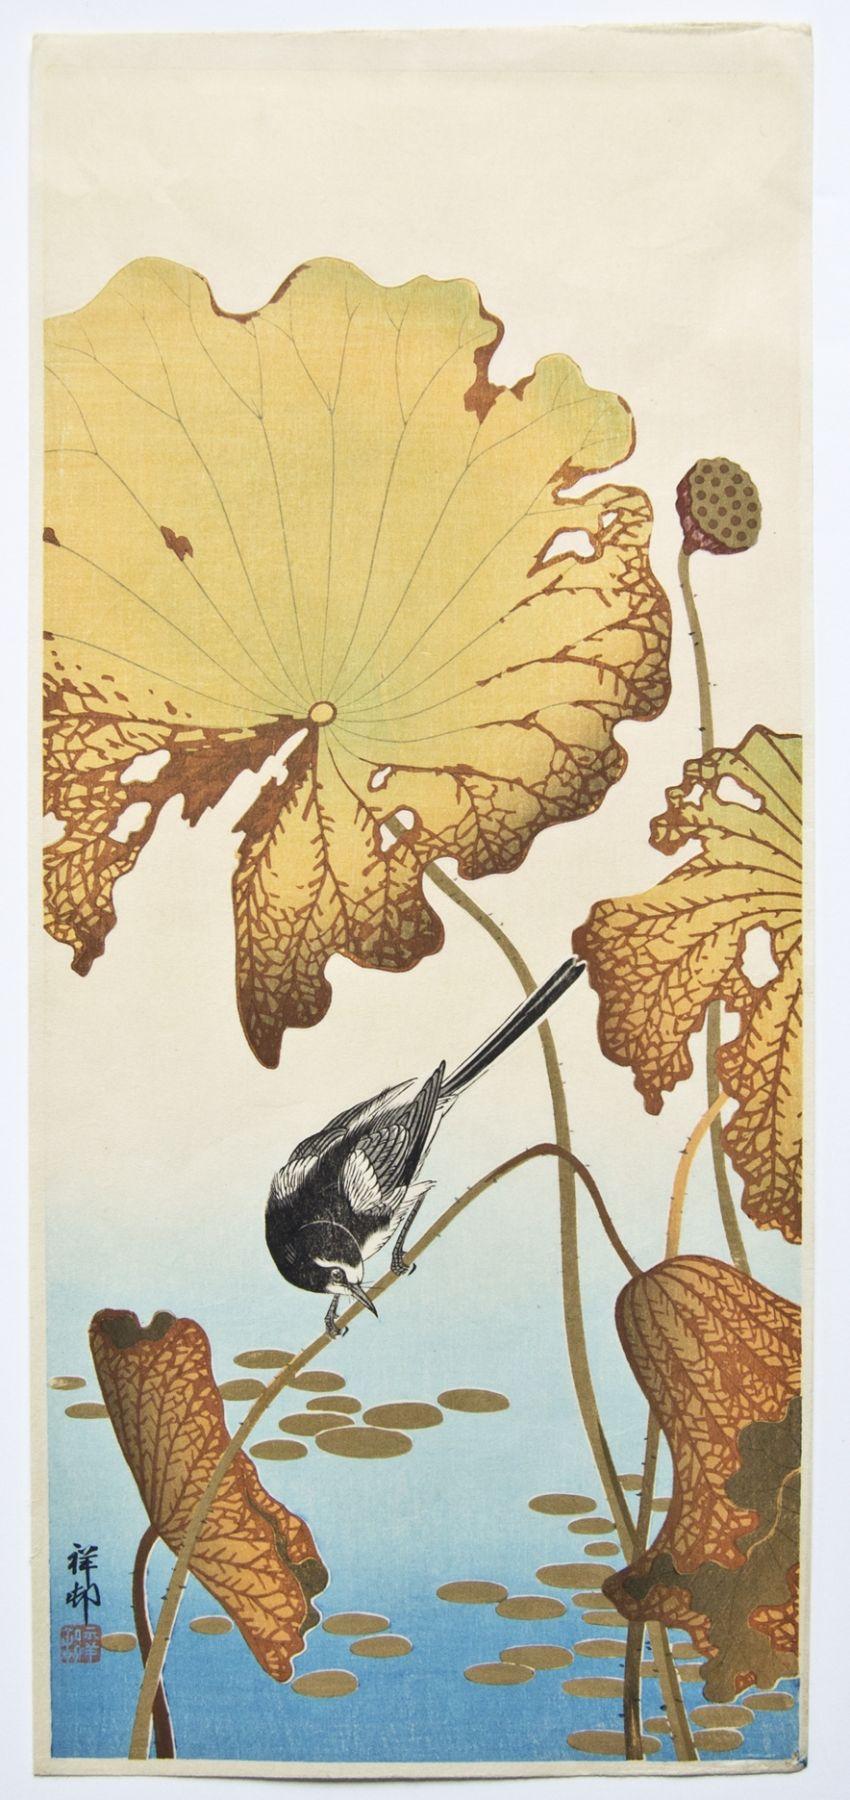 Ohara Koson (1877-1945), Wagtail with lotus